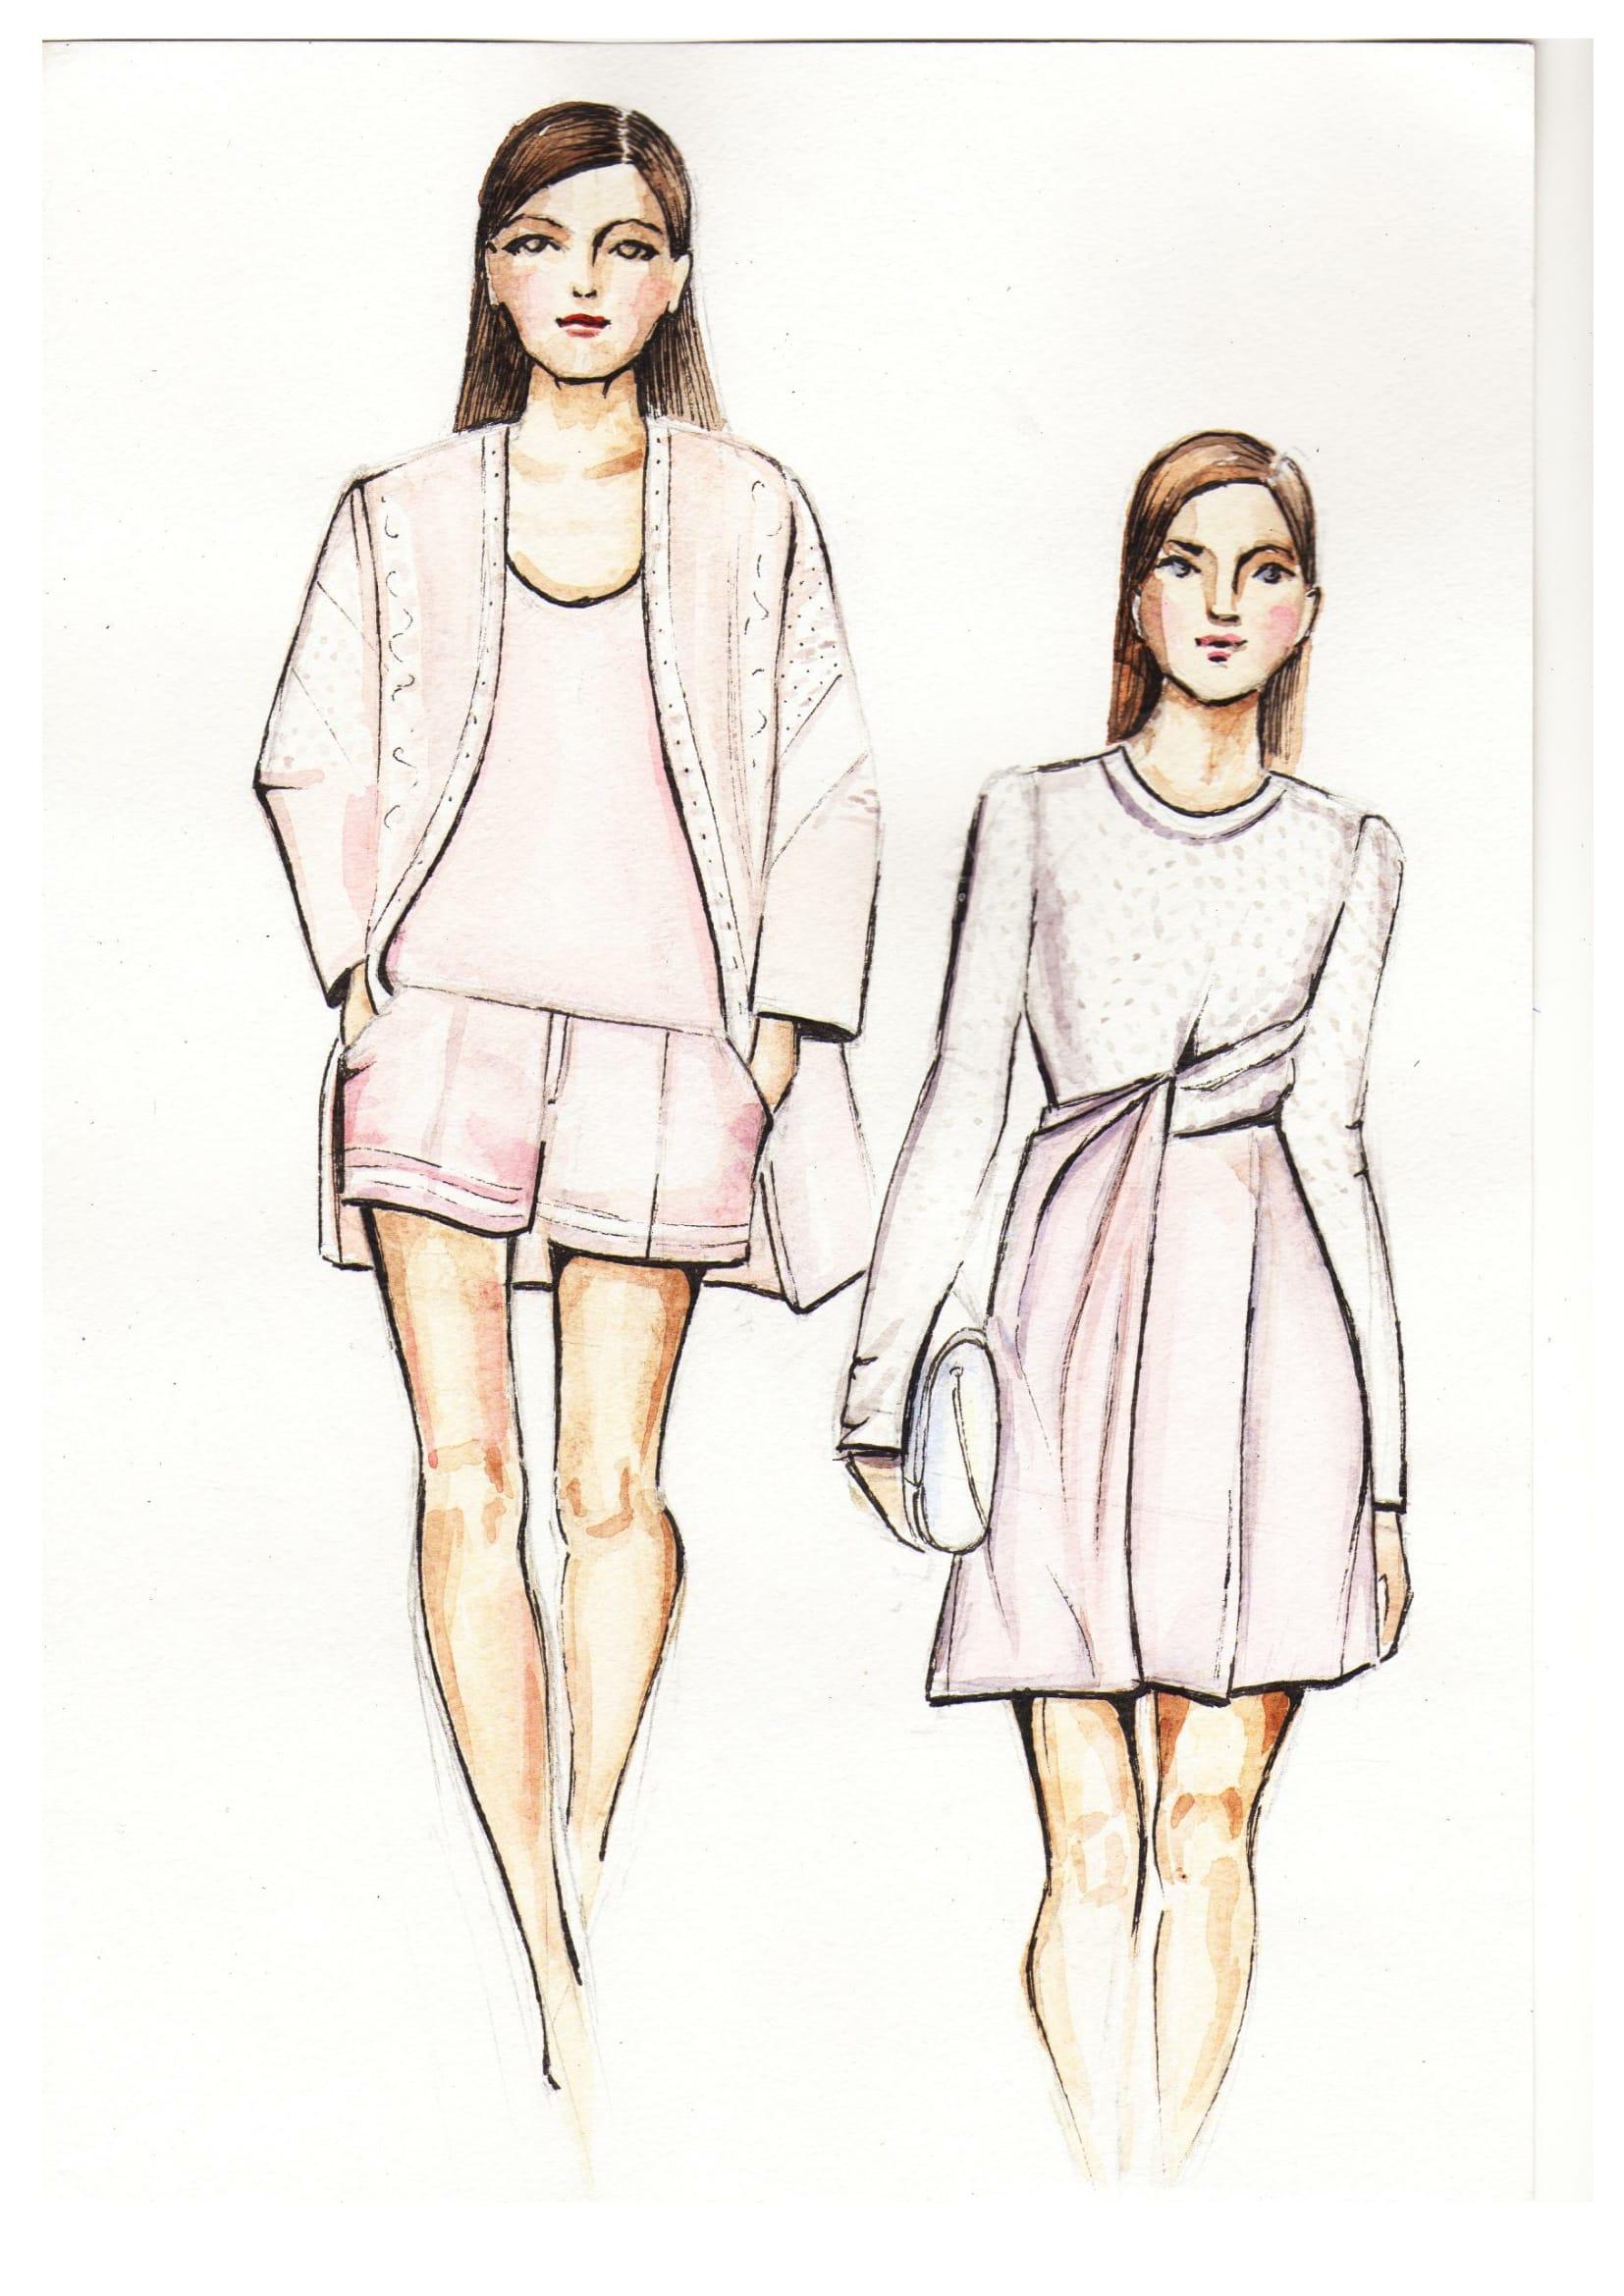 Дизайнер одежды донецк работа в москве для девушек зарплата